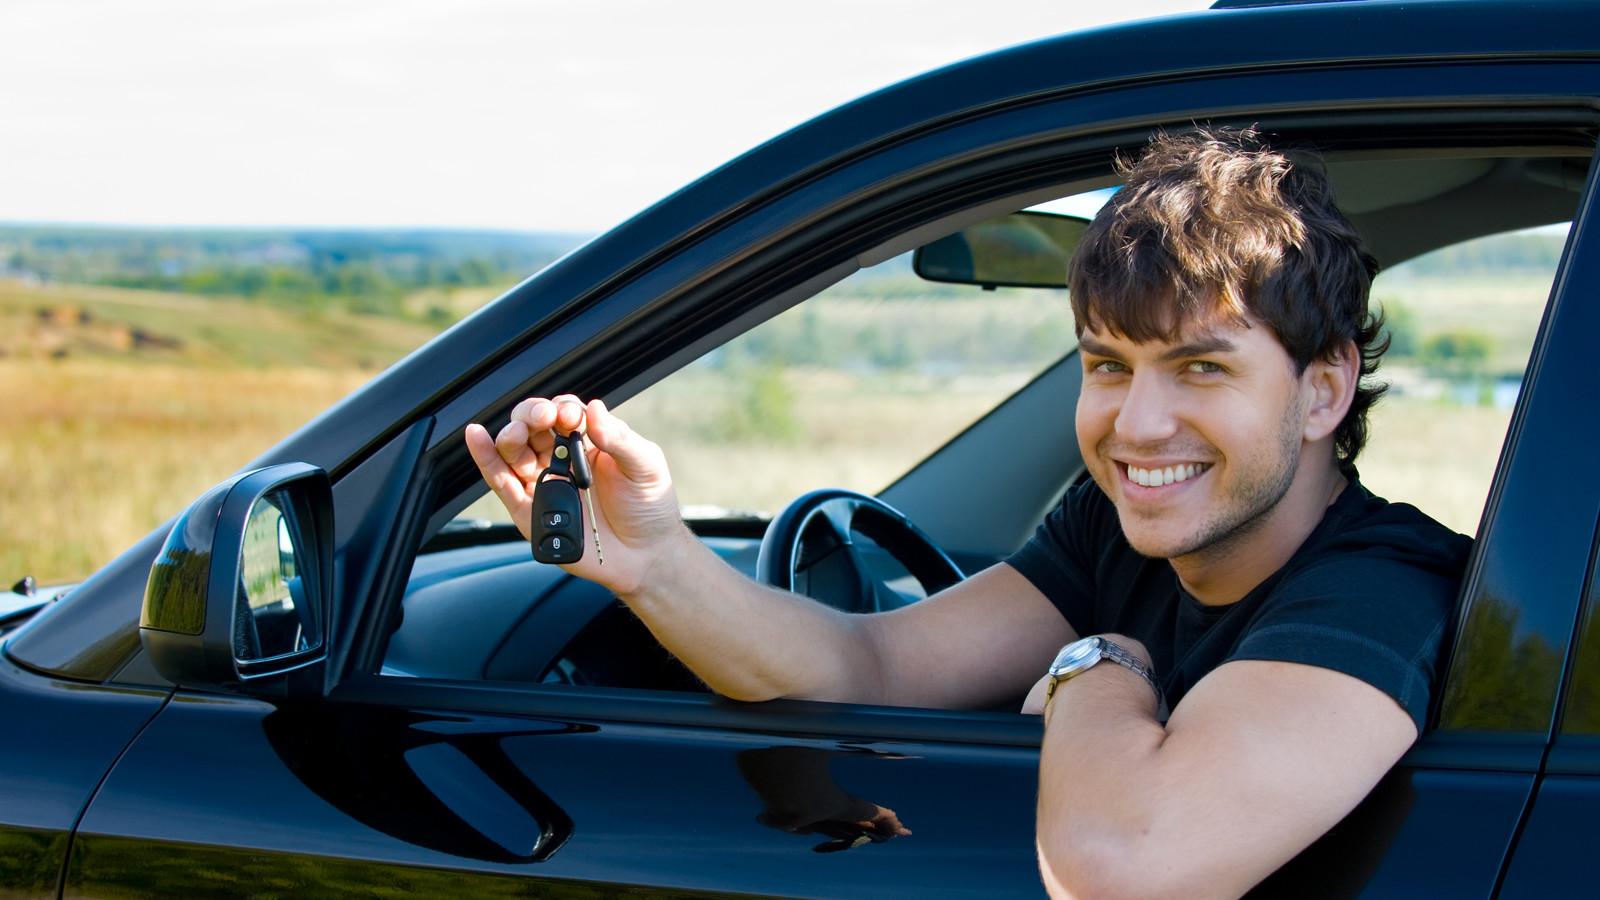 красивые машины для мужчин фото барабекуса знаю